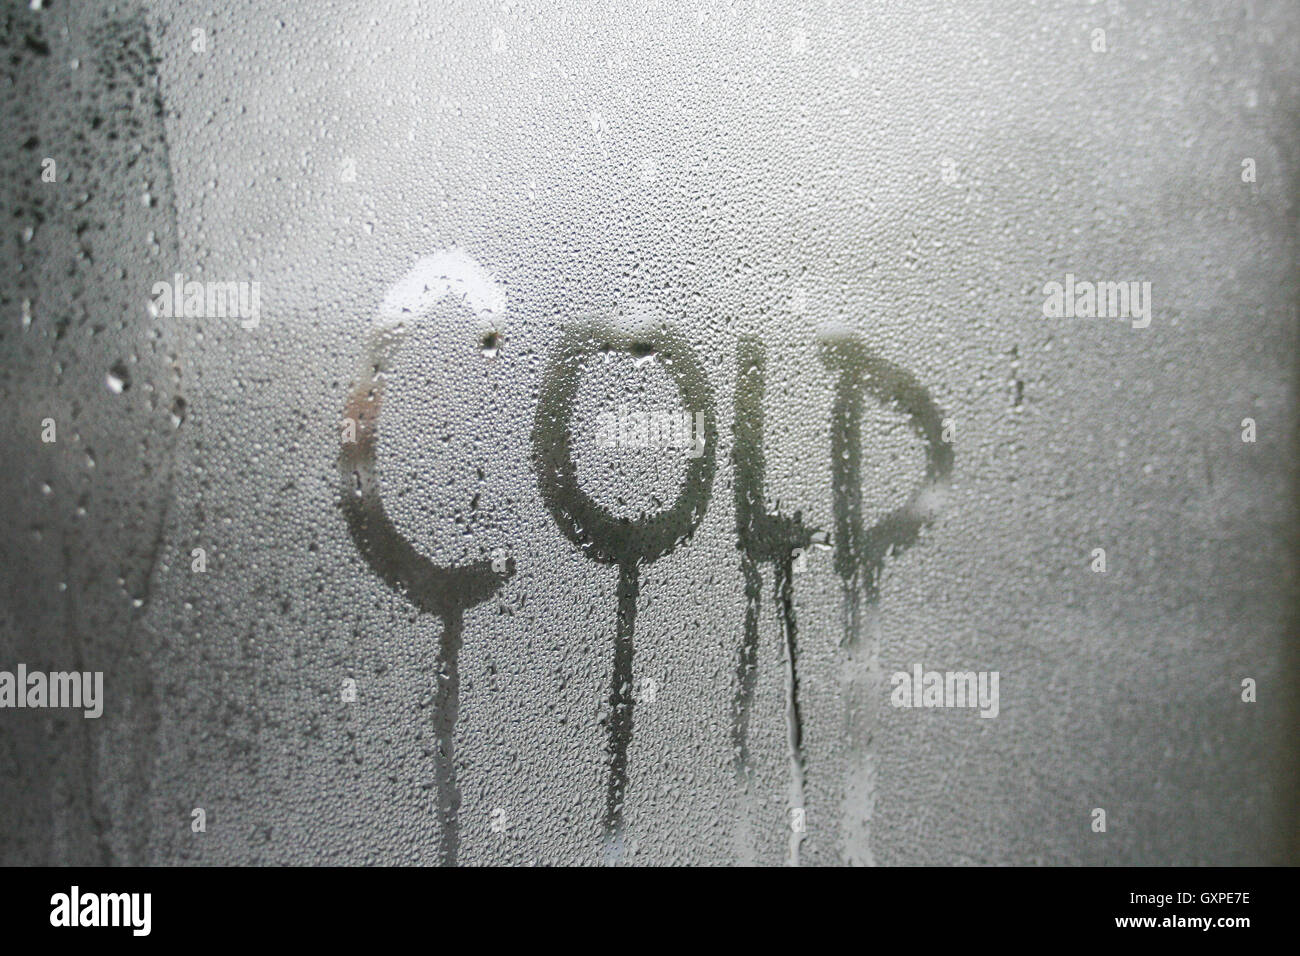 Texte écrit dans le froid de la condensation sur la vitre. Photo Stock